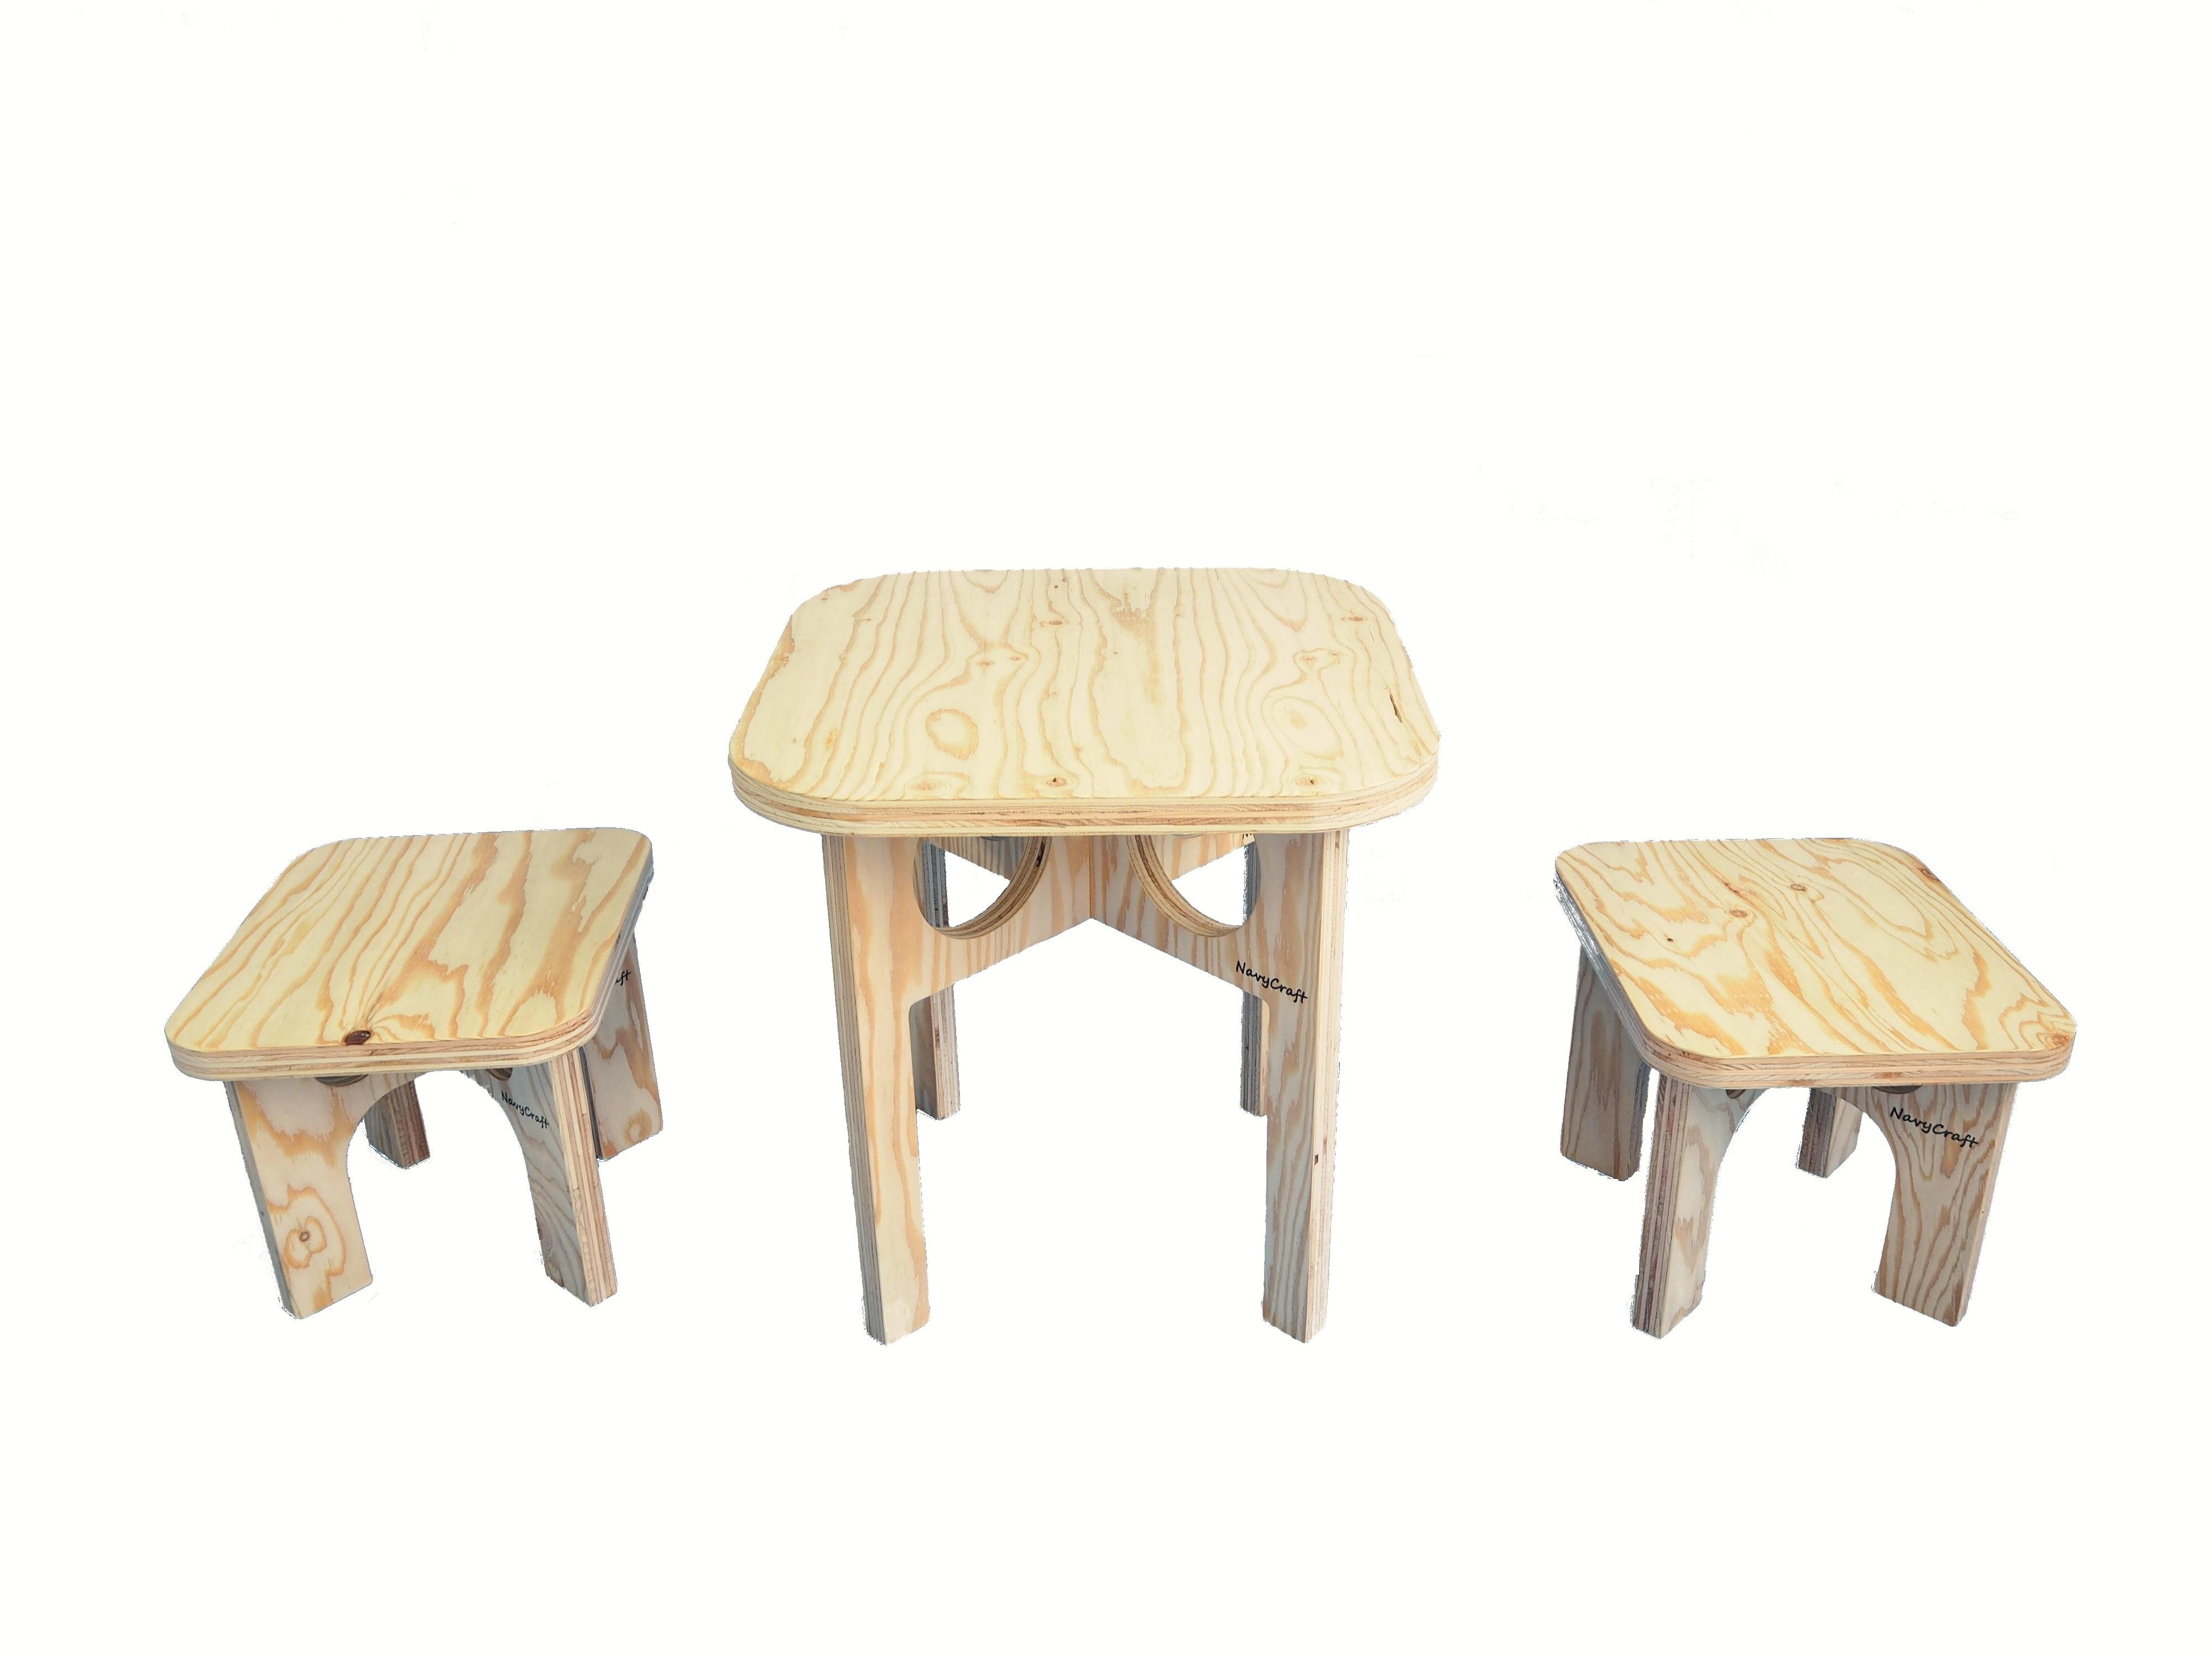 折りたたみ木製テーブル&チェア -無塗装-